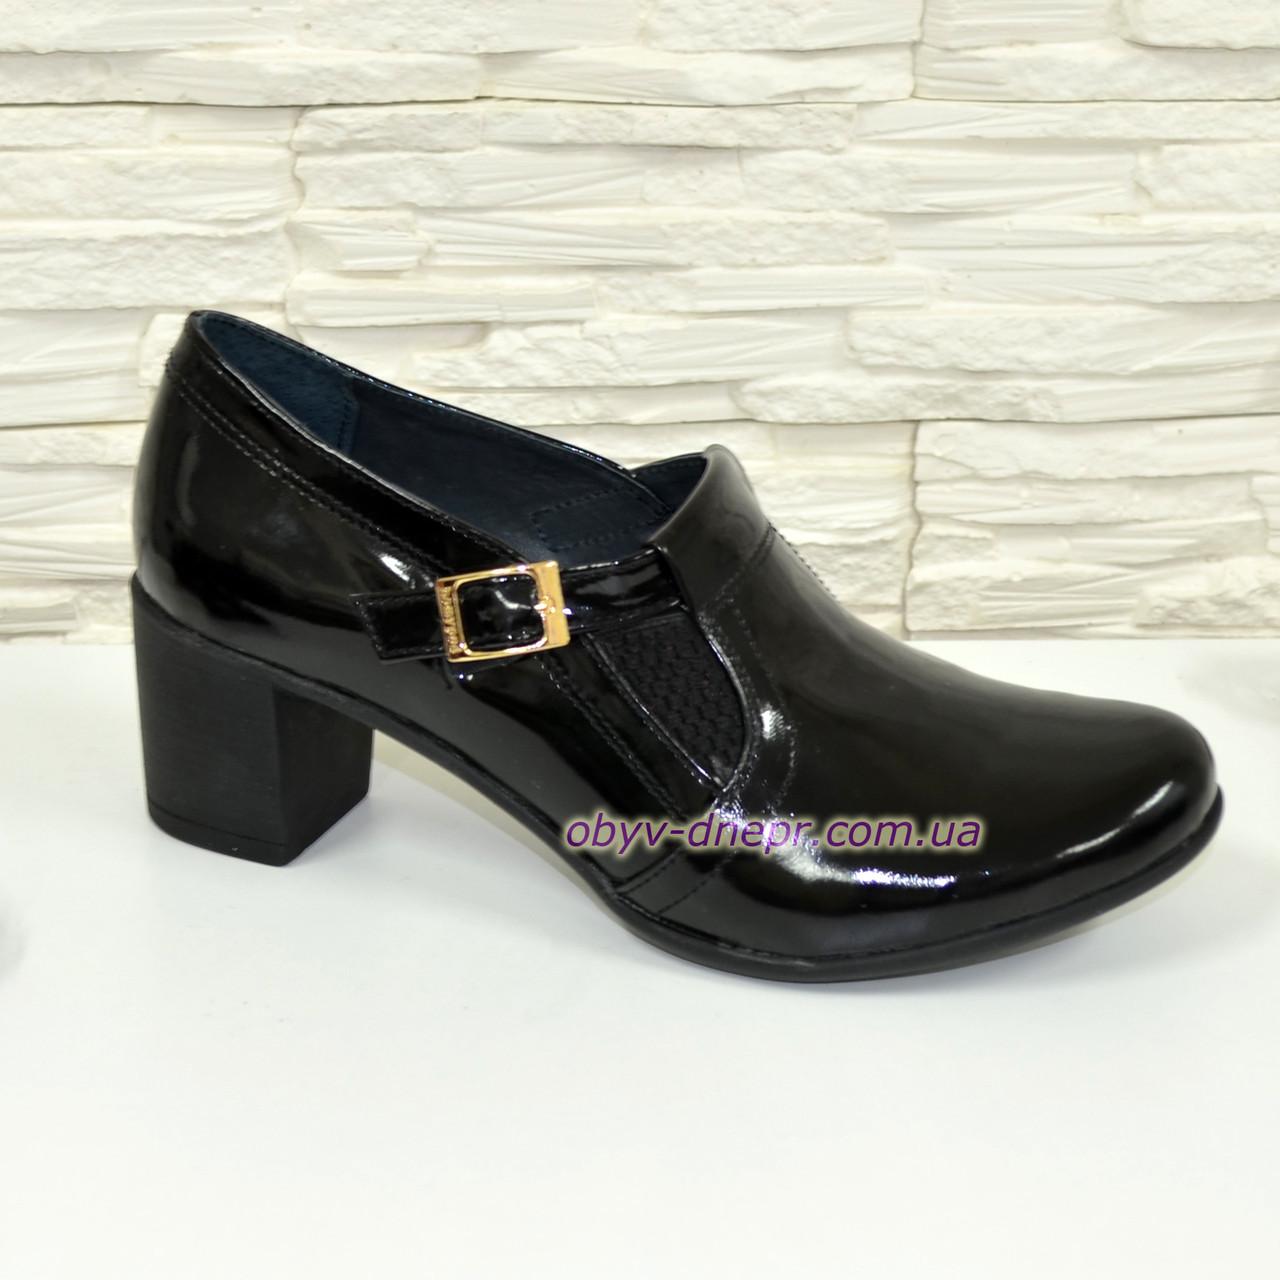 Туфли женские черные на невысоком каблуке, натуральная лаковая кожа.